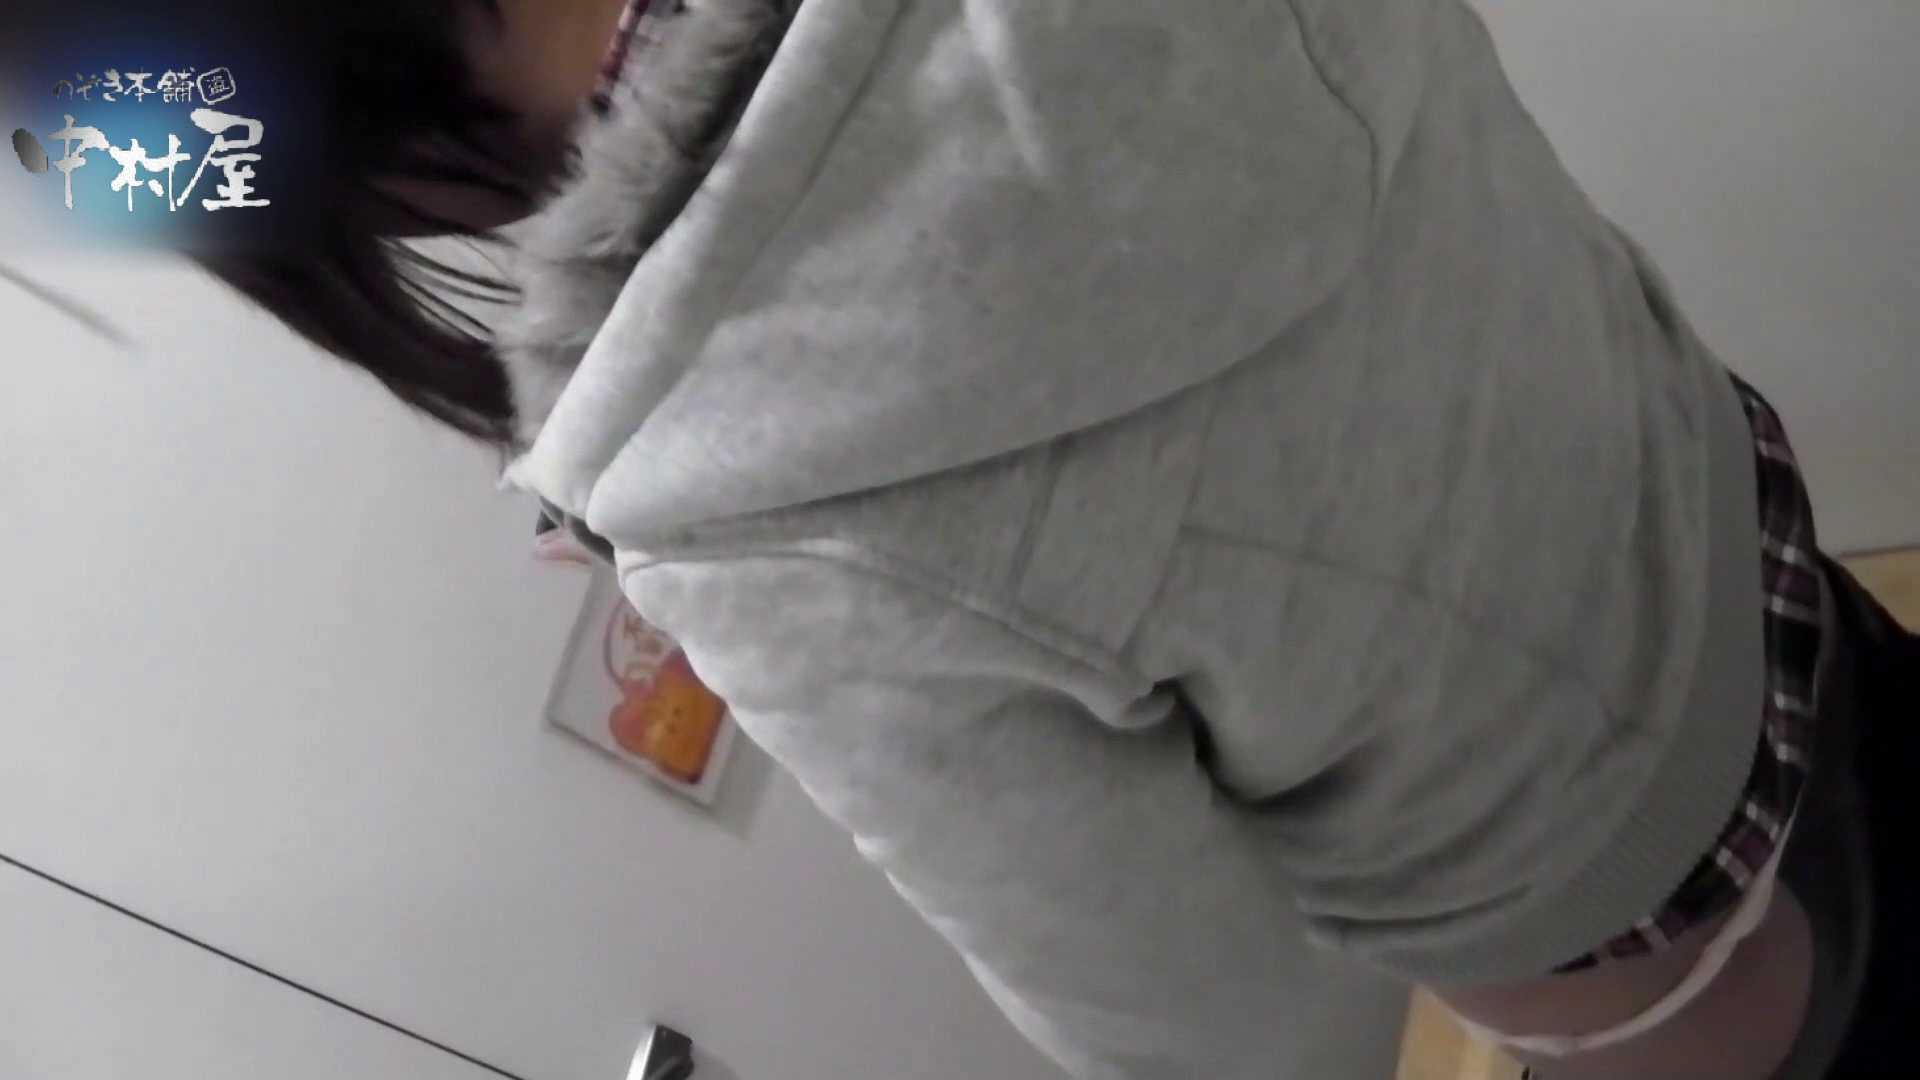 乙女集まる!ショッピングモール潜入撮vol.05 トイレ  109PICs 24